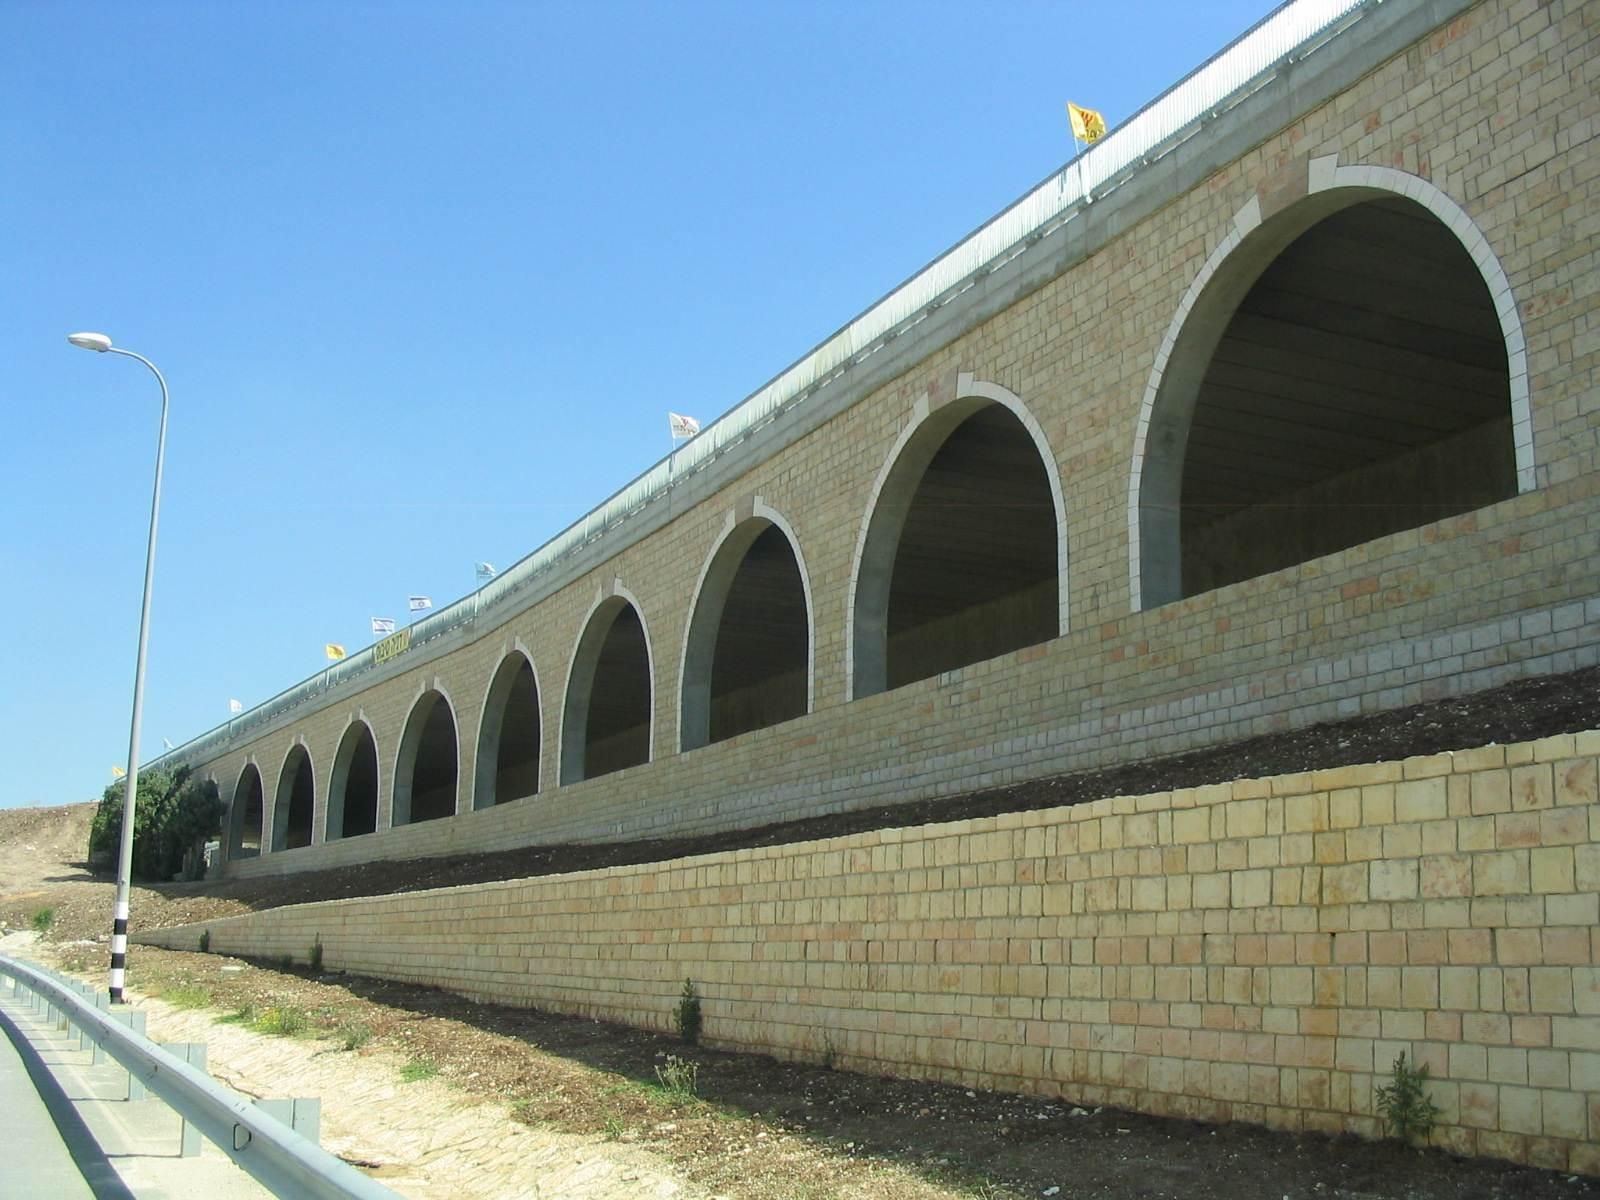 גשר מחלף מסילתי - חיזוק אבנים (חיפוי אבן) עם בורג בטון